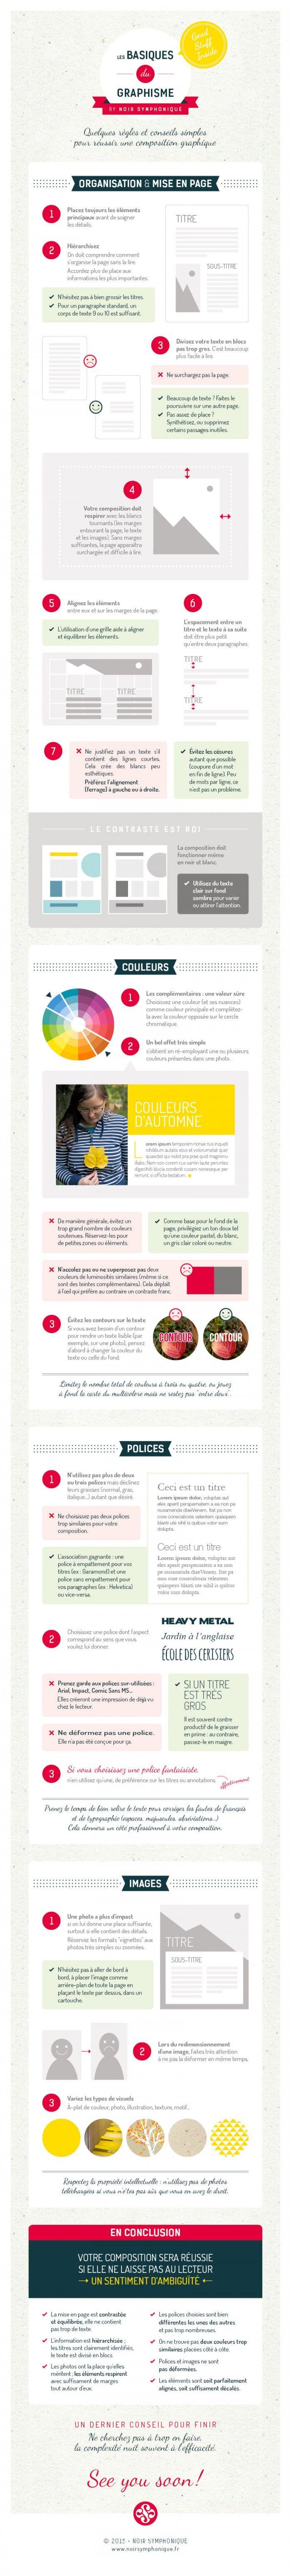 Règles, conseils basiques et fondamentaux du graphisme